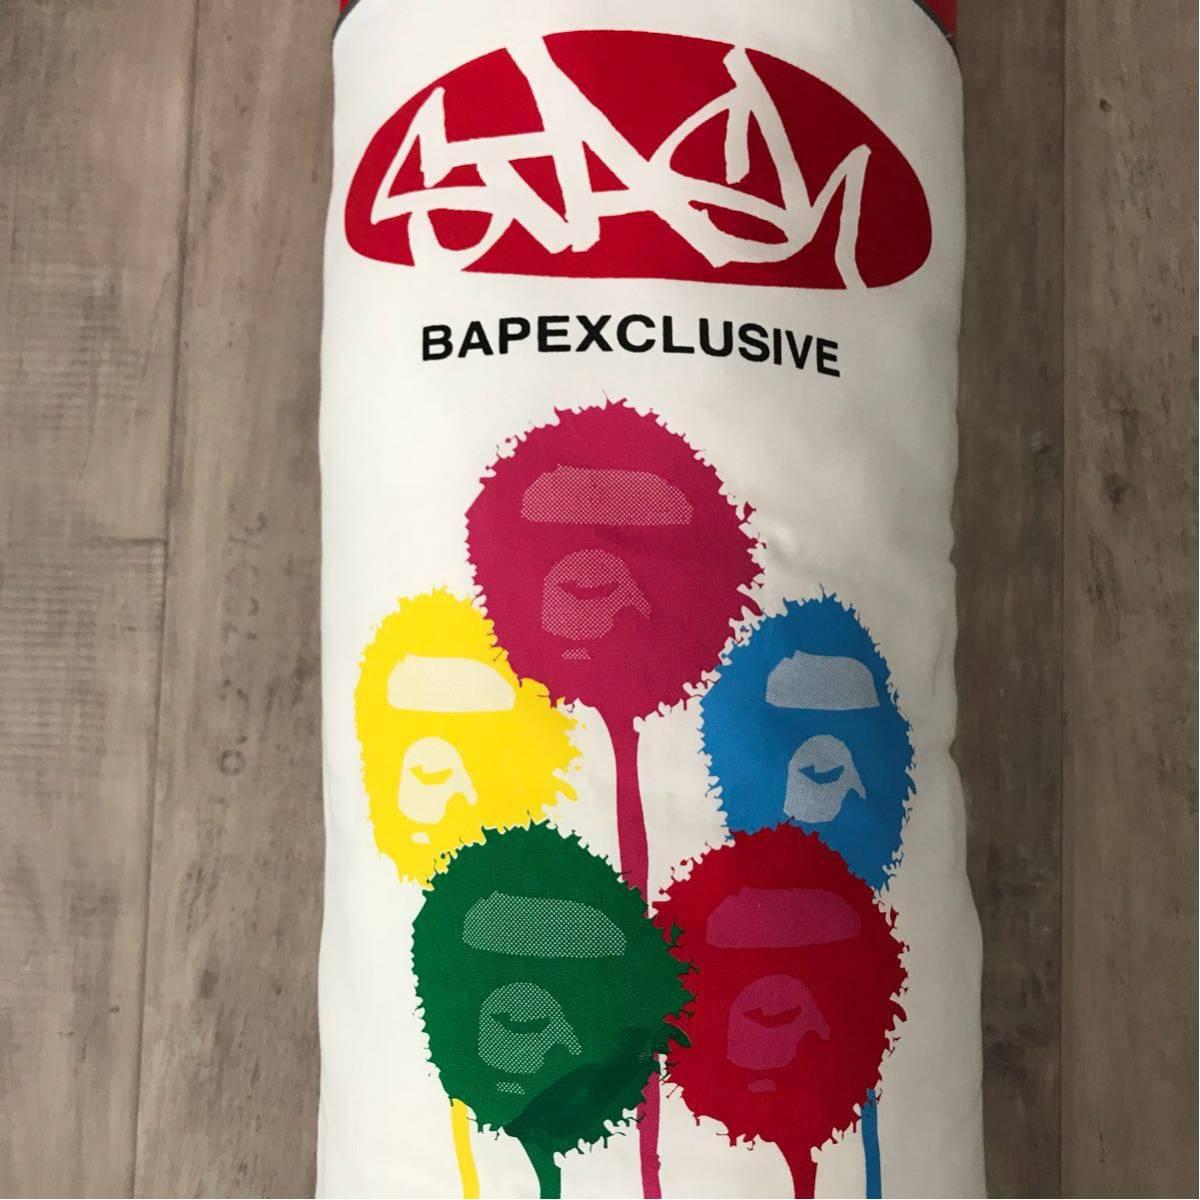 ★激レア★ 特大スプレー缶 クッション stash bape ape エイプ ベイプ futura スプレー 缶 スタッシュ フューチュラ 初期 supreme kaws